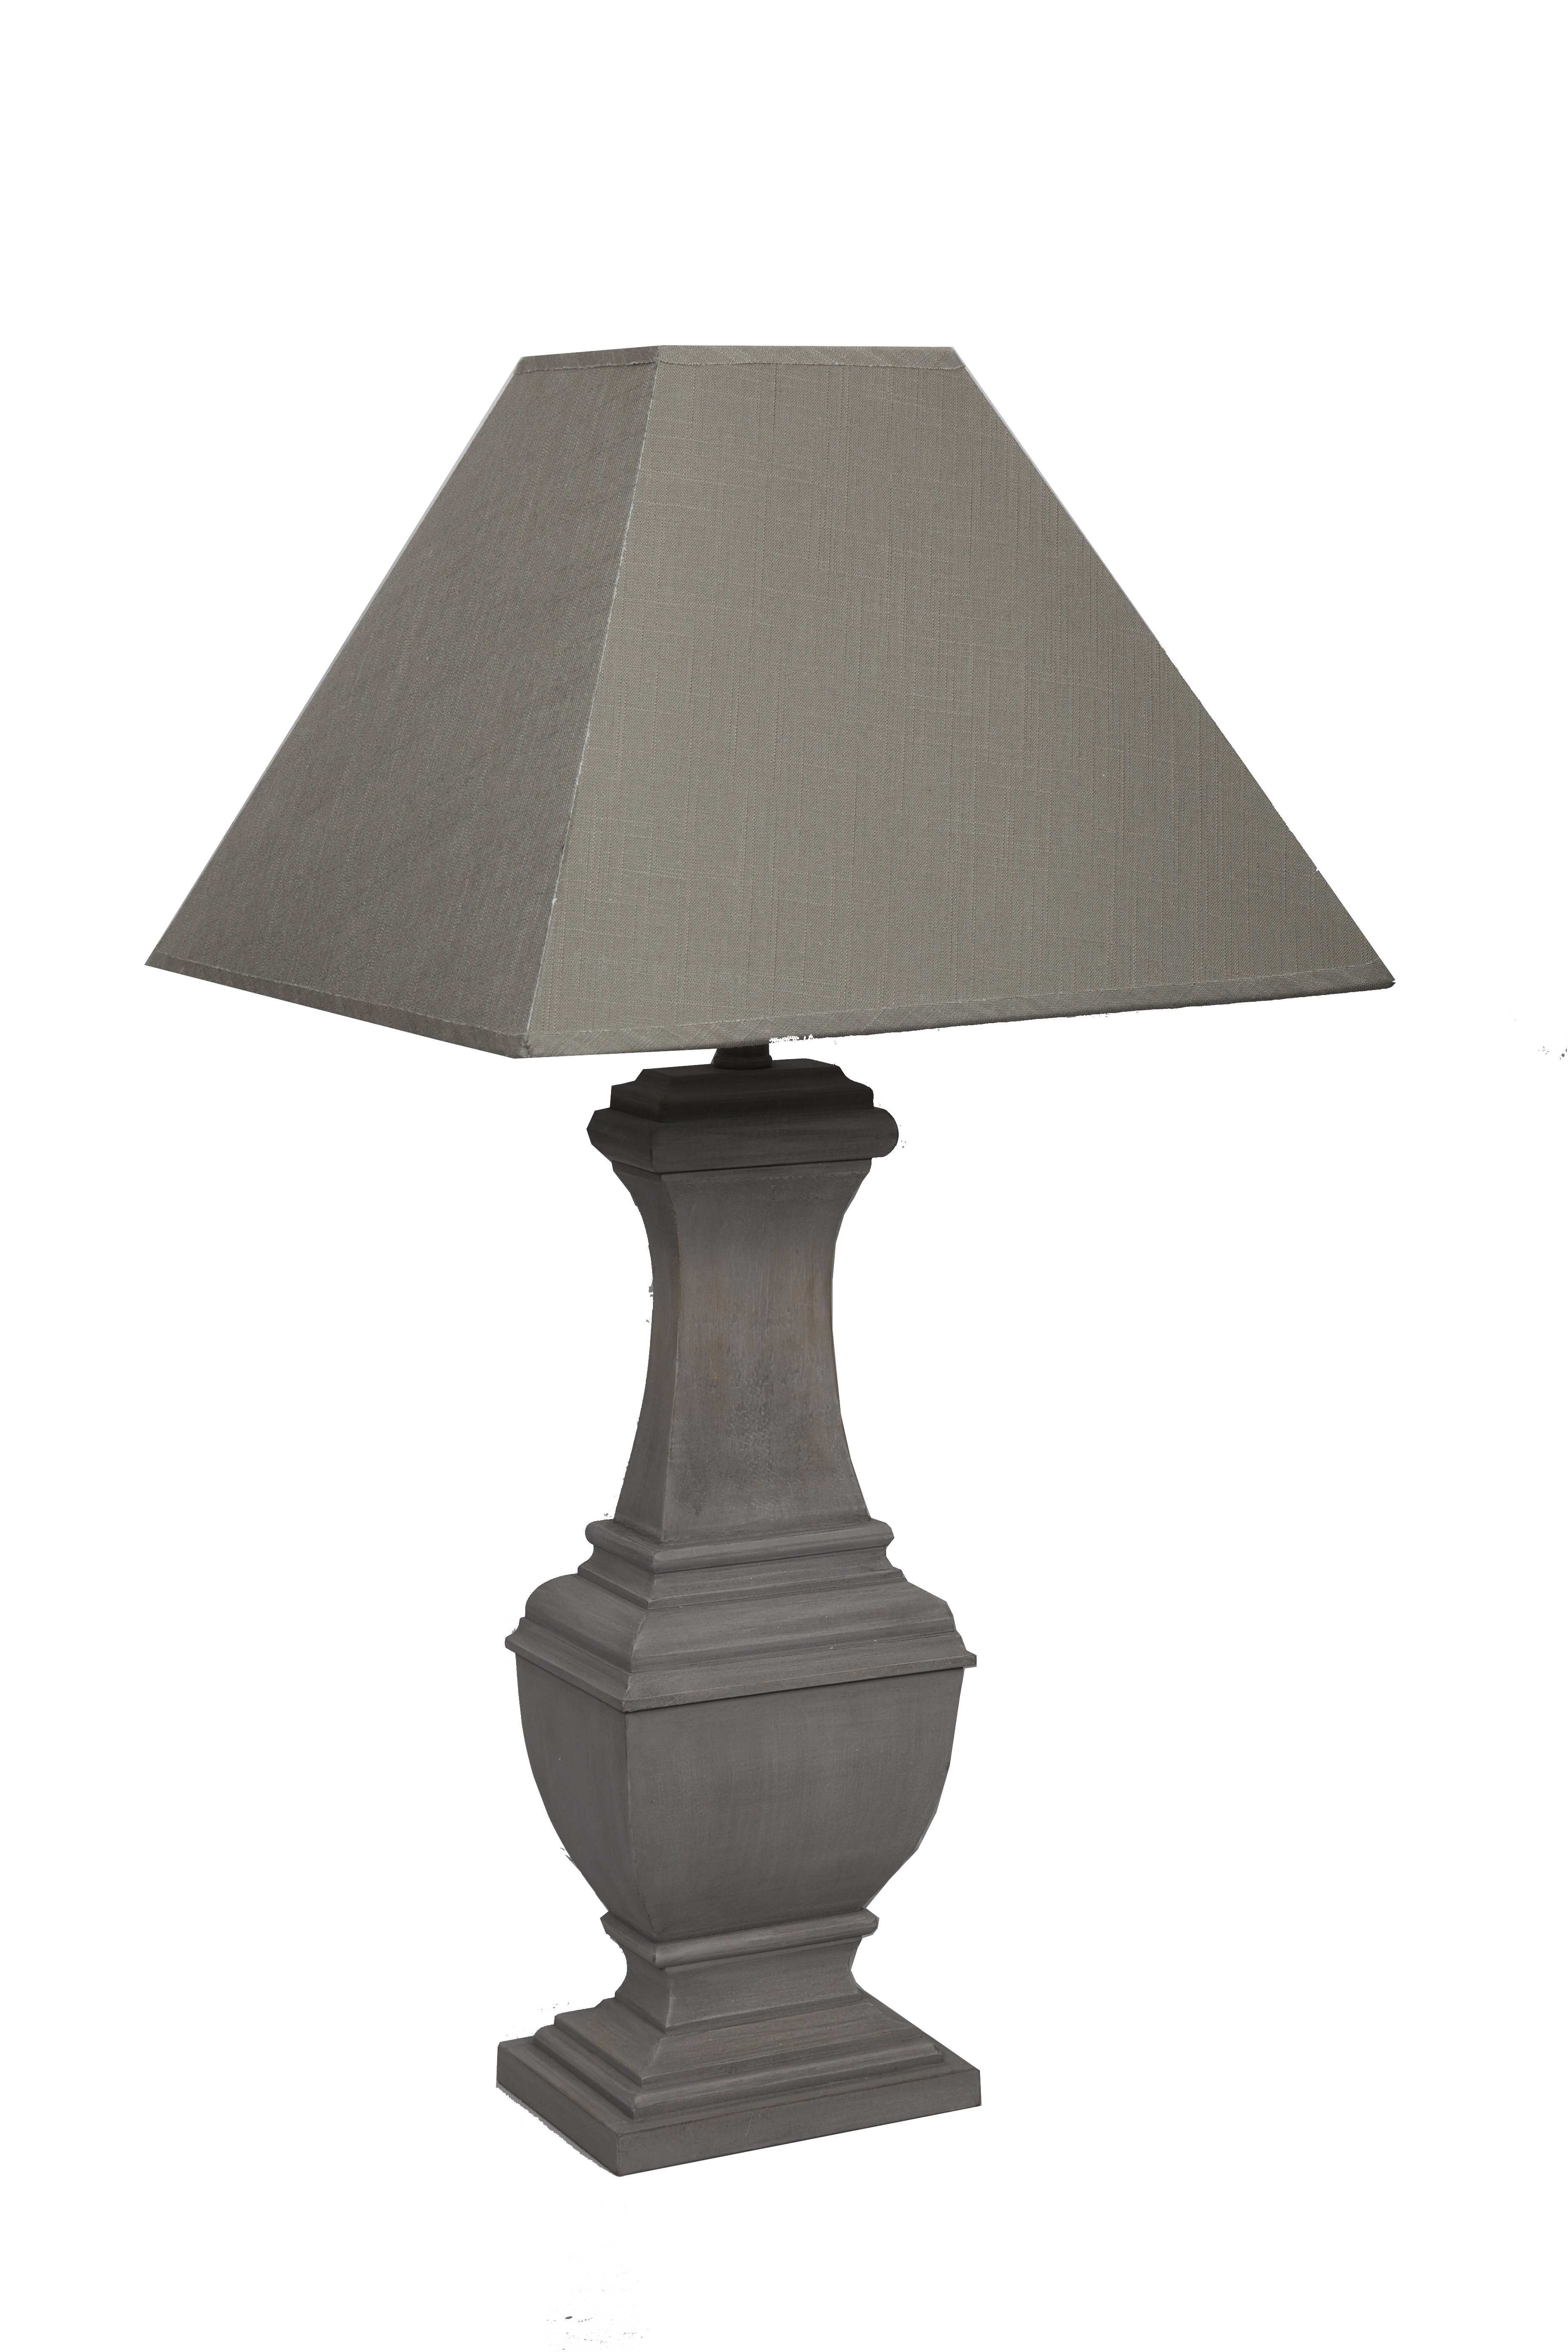 Lampe avec chapeau SEB Shabby chic Romantique